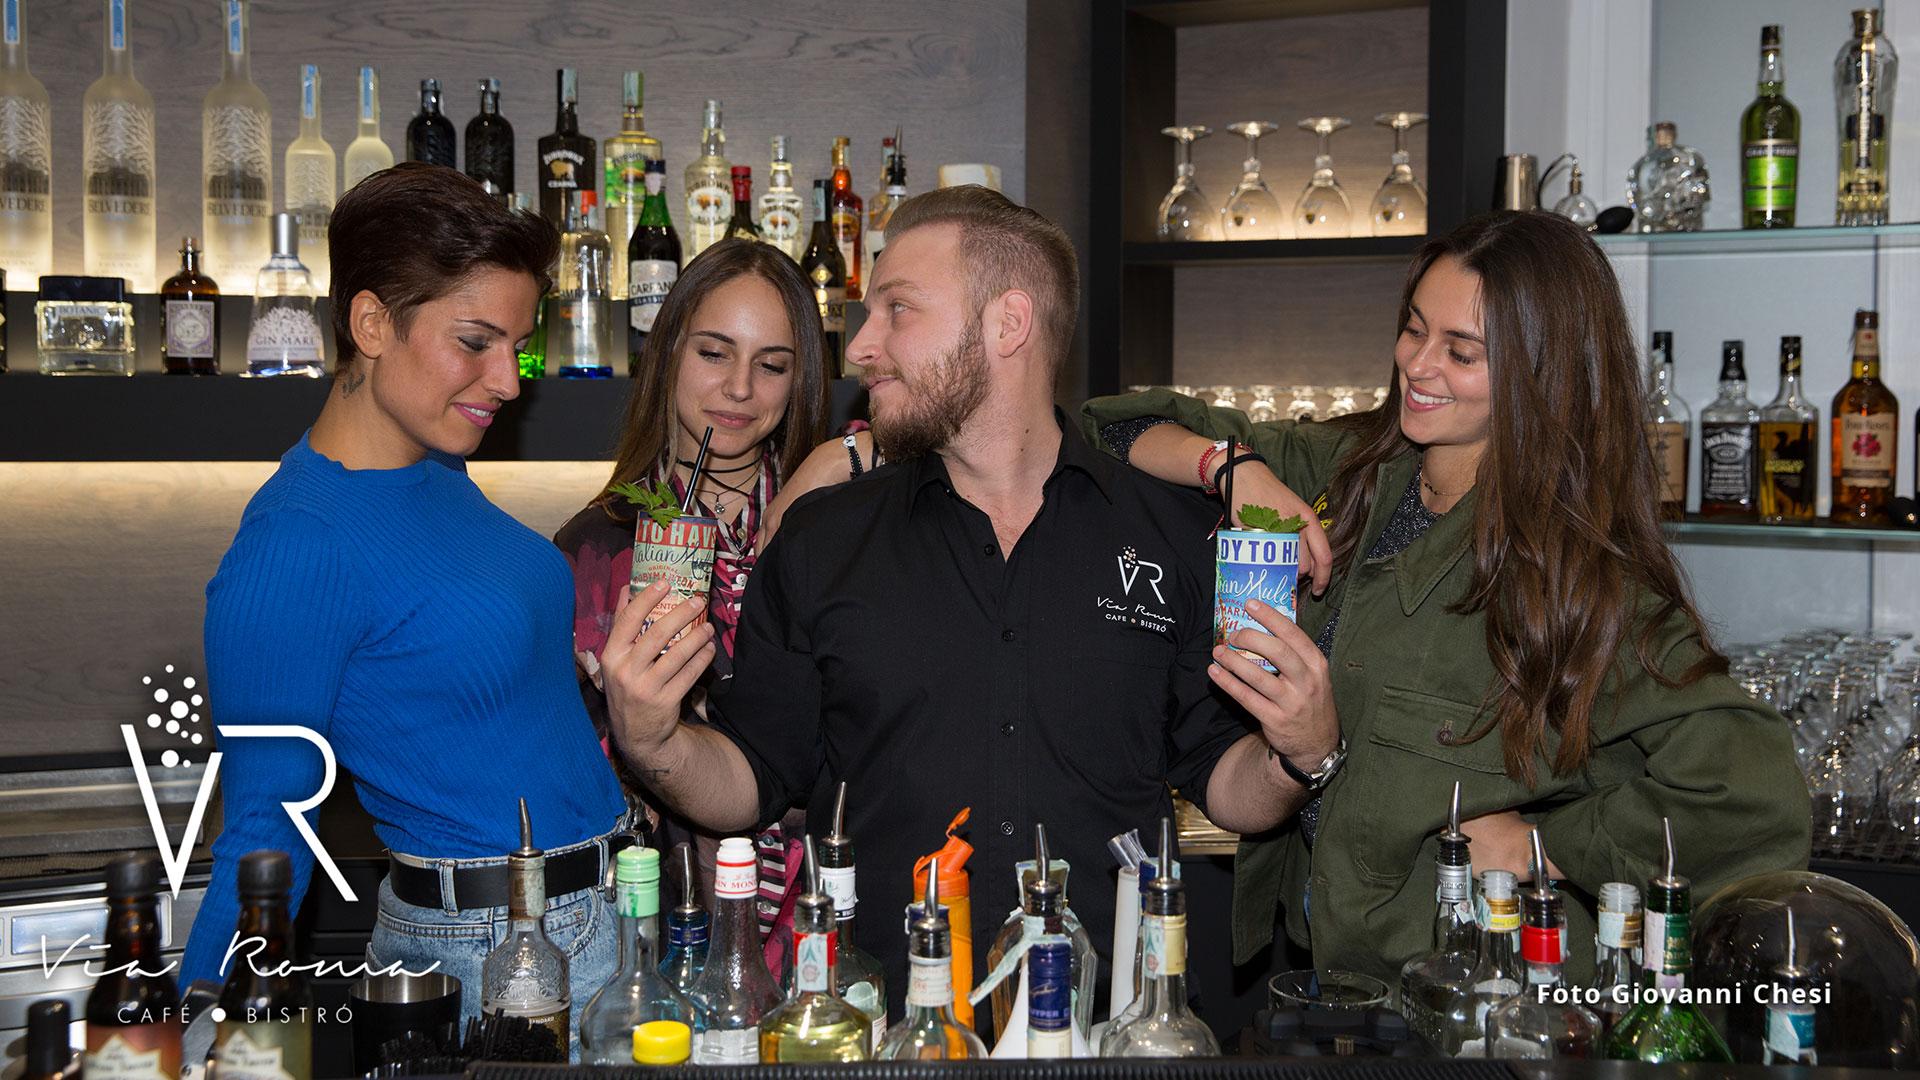 Cafè slide 2 cocktails